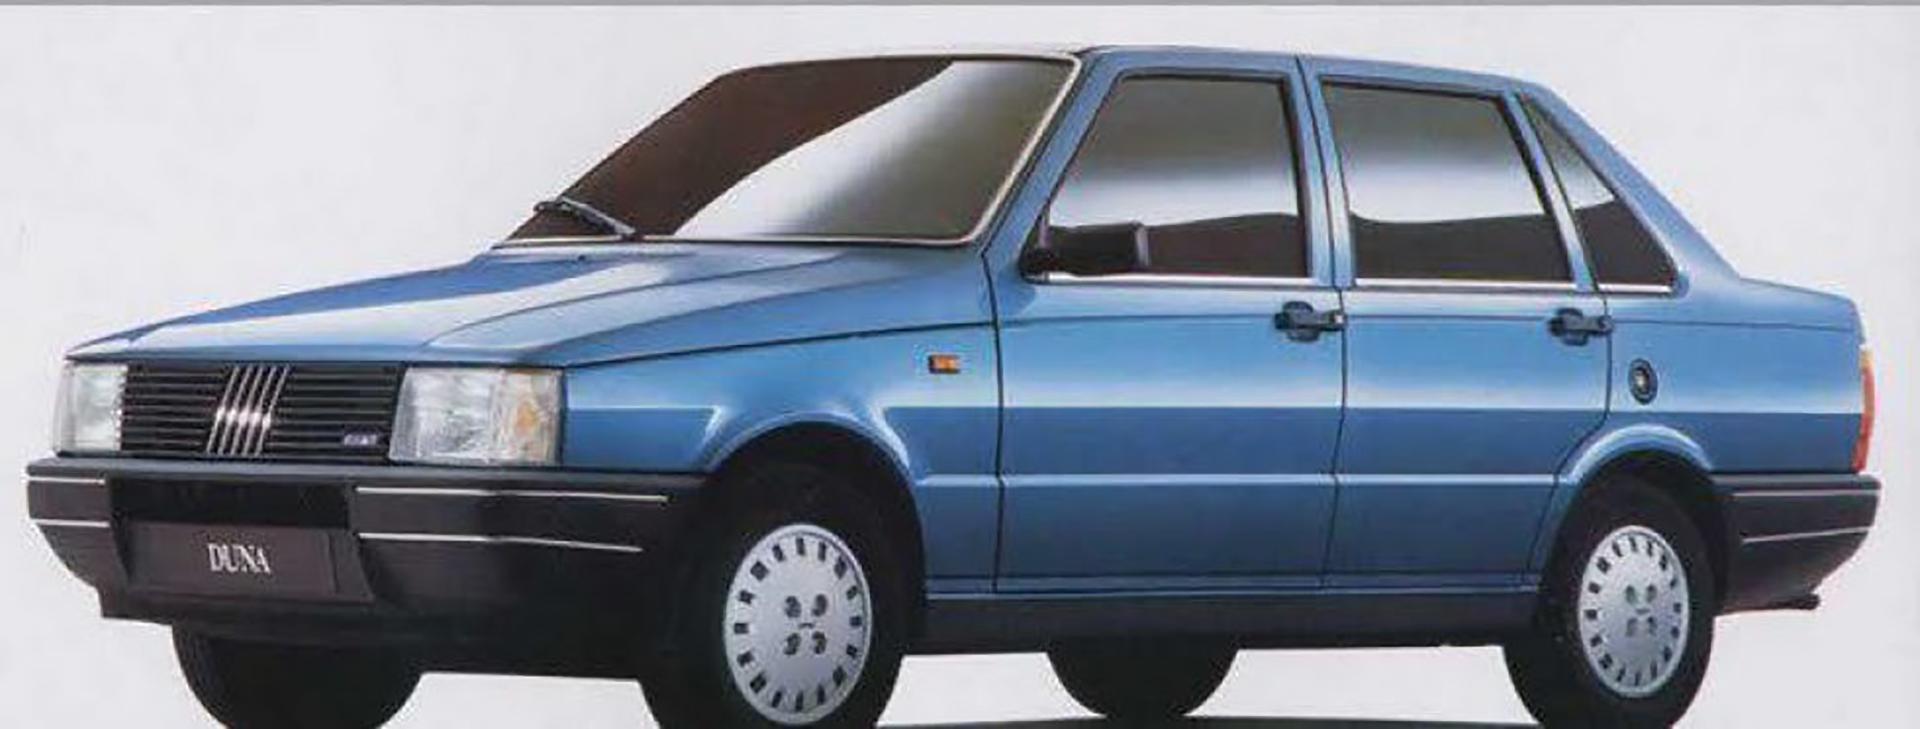 El Fiat Duna, uno de los modelos más fuertes de los 90 en la Argentina, fue diseñado por Giugiaro para el mercado sudamericano.